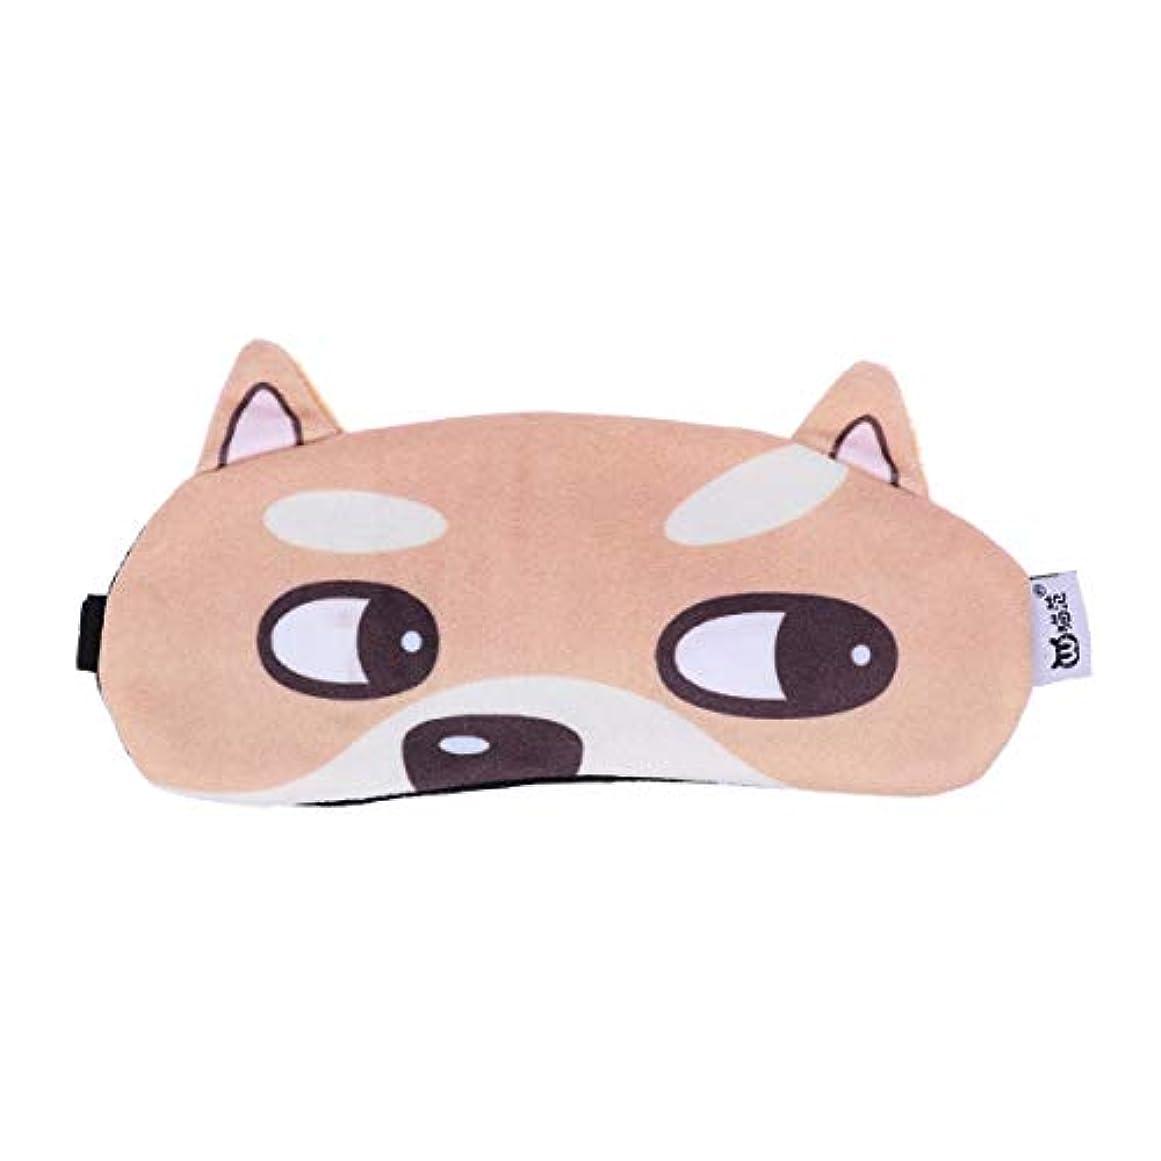 検出可能キウイ安定Healifty アイマスク ゲル アイスパッド アイスアイマスク 目隠し リラックス 冷却 パック 再使用可能 目の疲れ軽減 安眠 血行促進(犬)